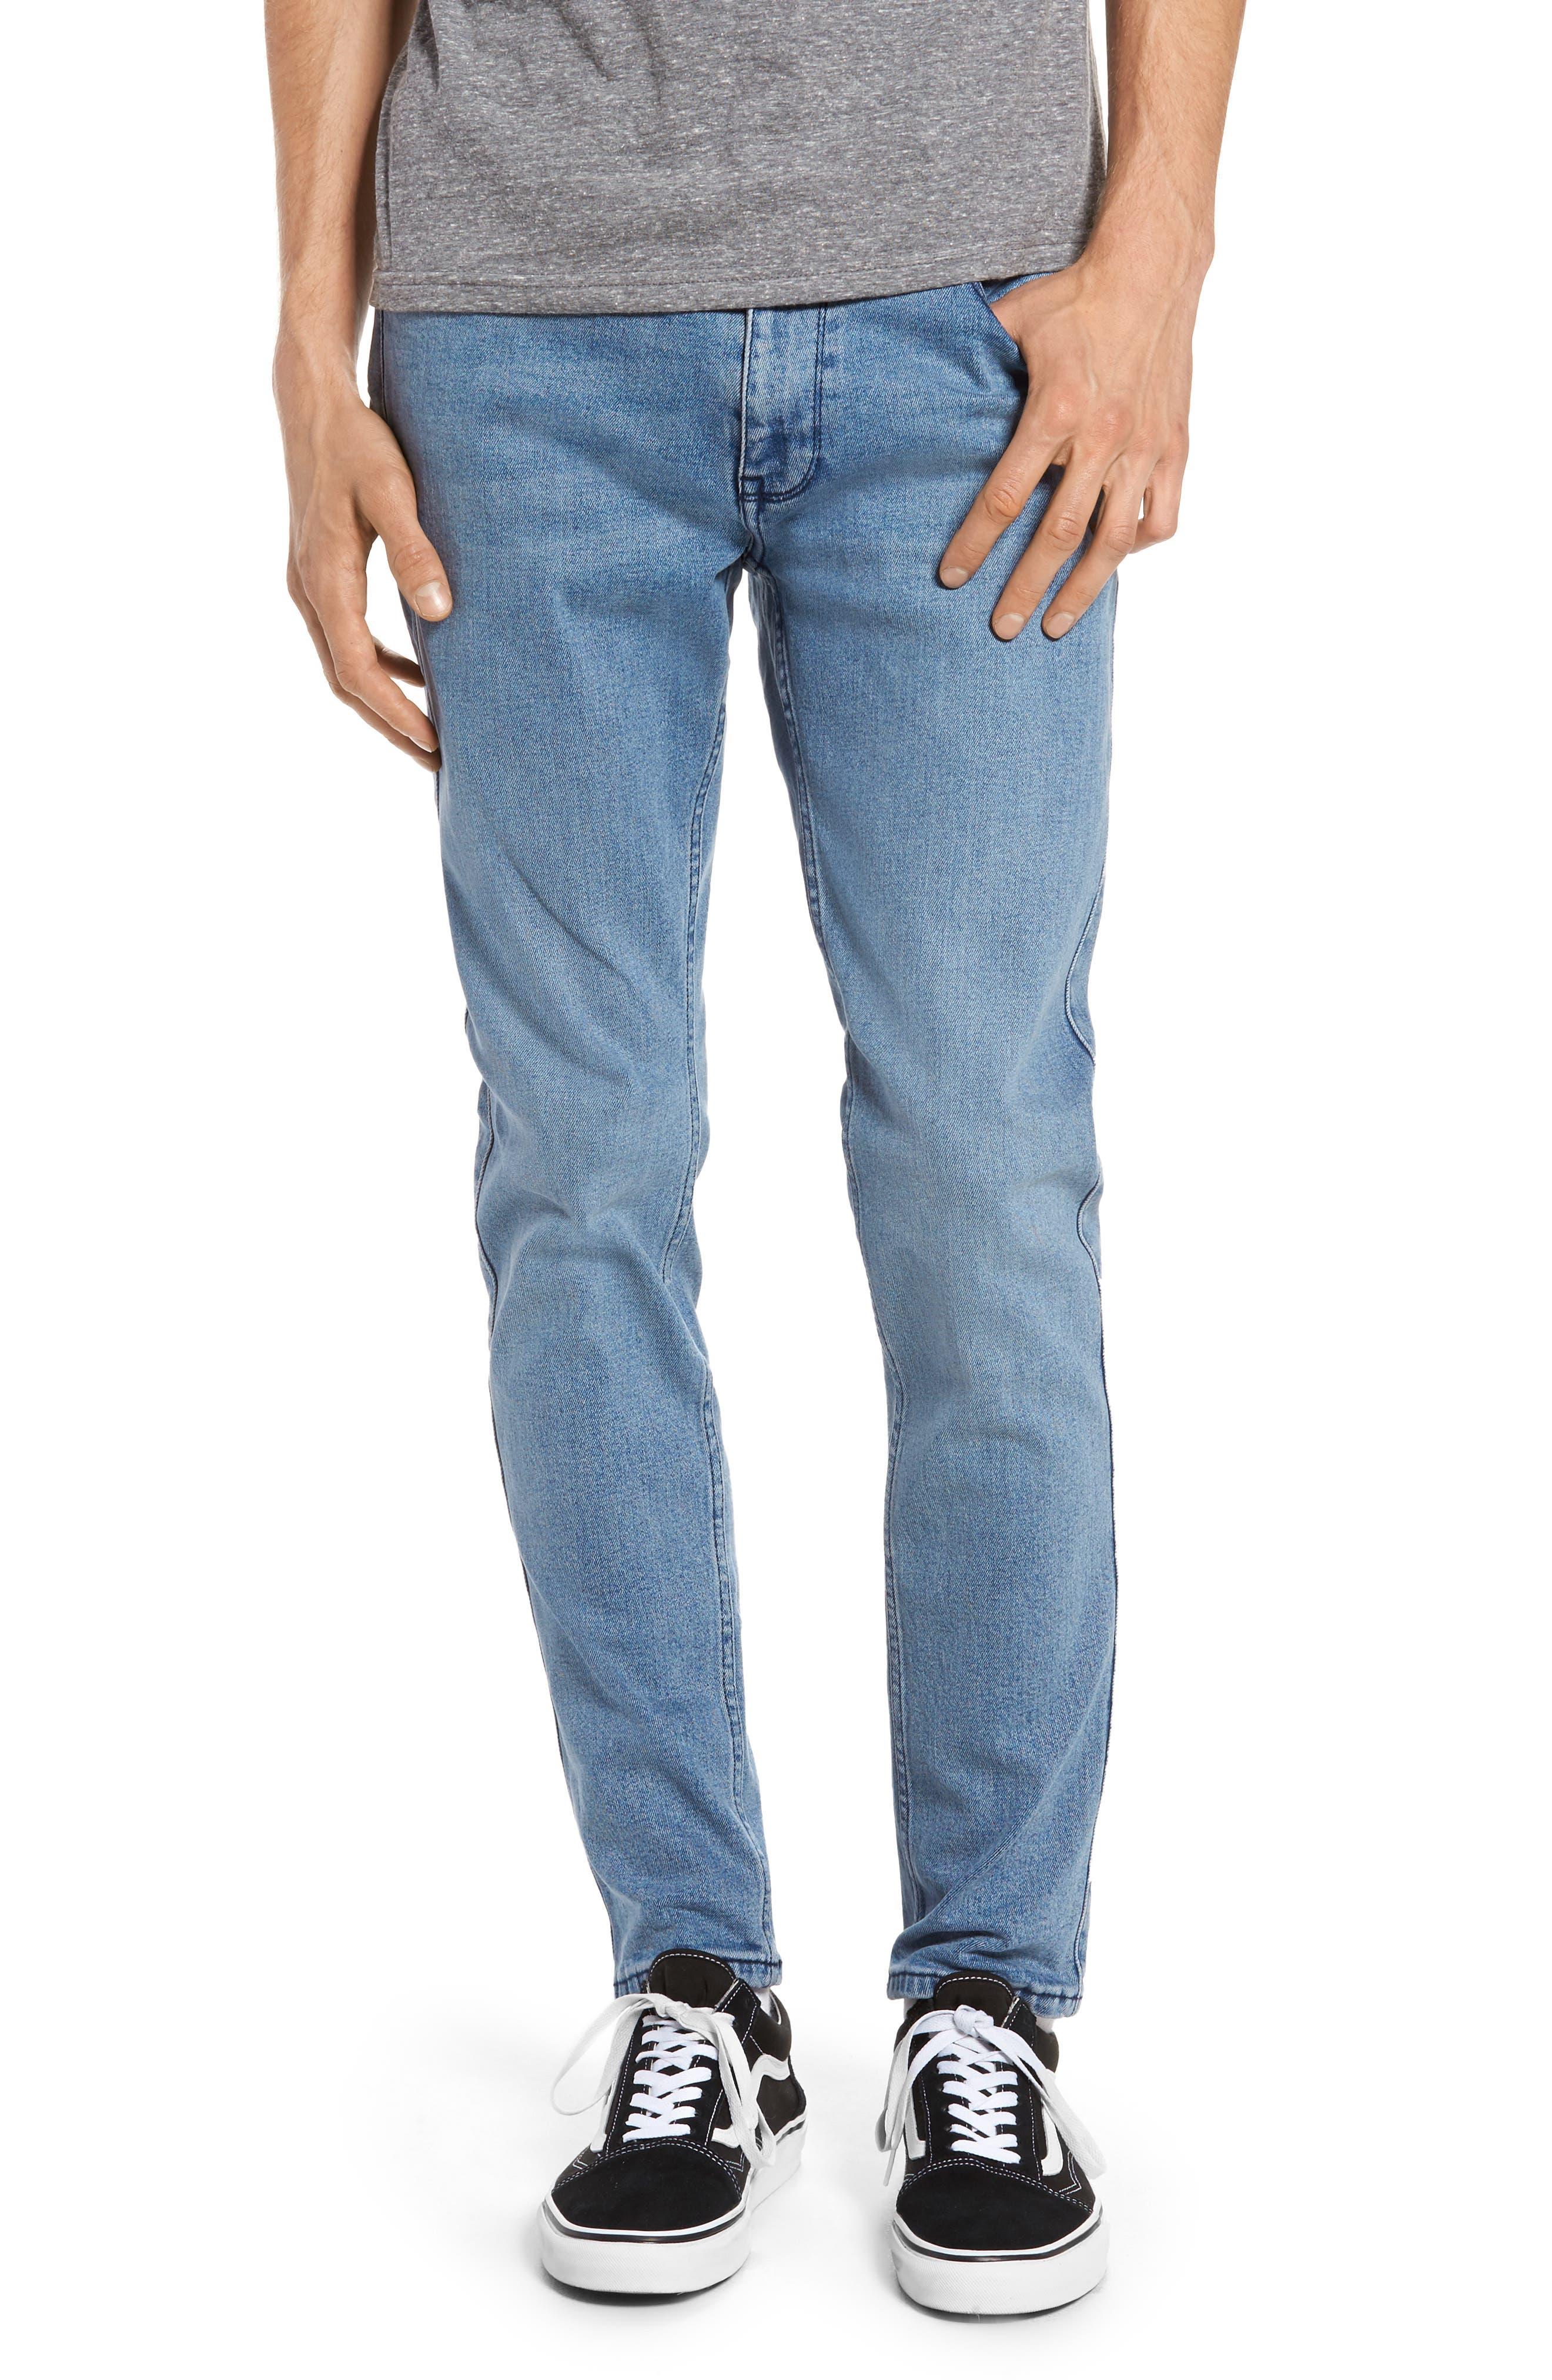 Alternate Image 1 Selected - Dr. Denim Supply Co. Clark Slim Straight Leg Jeans (Worn Light Retro)